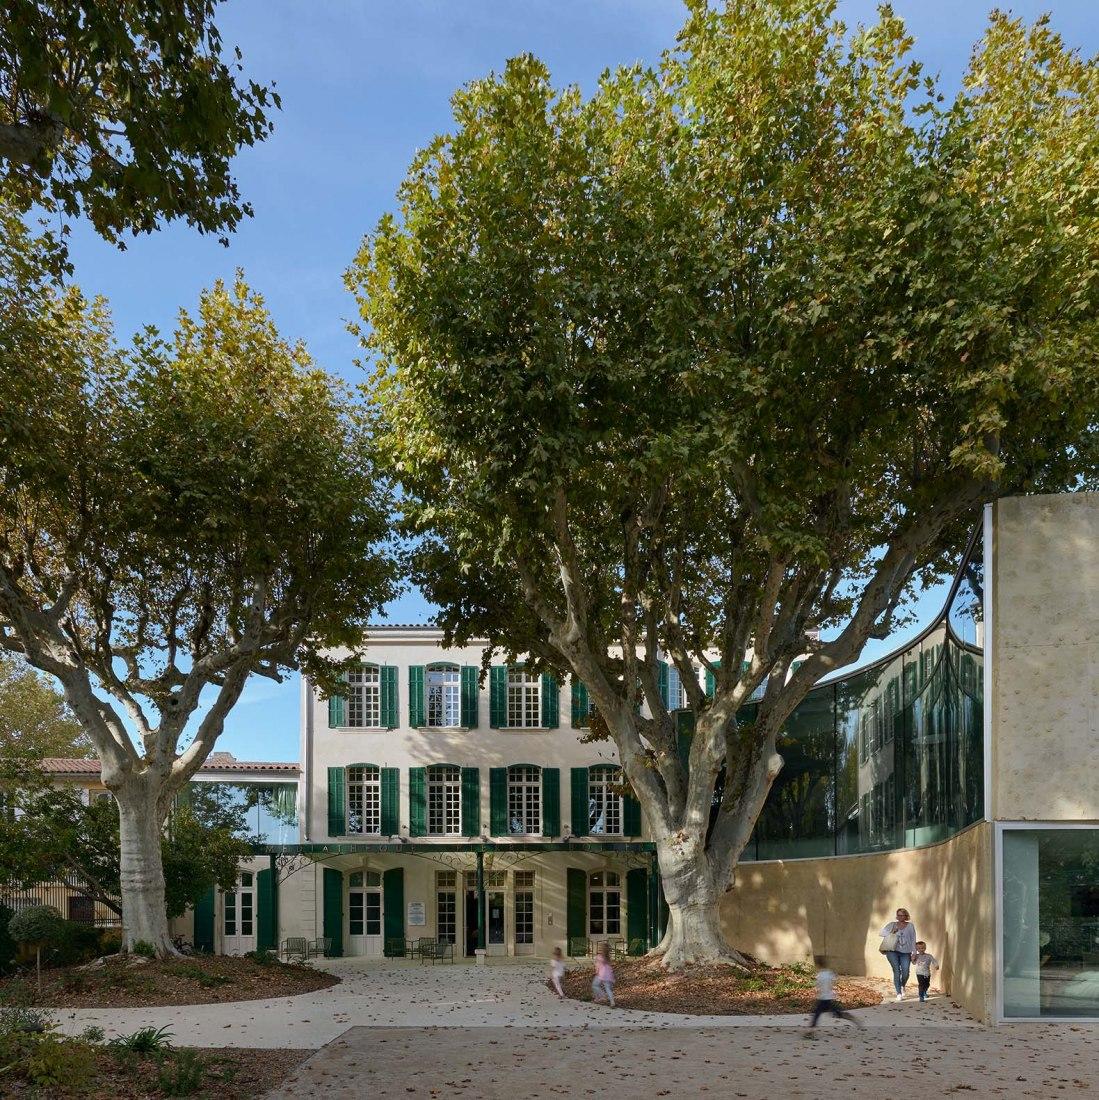 Biblioteca multimedia y parque por Dominique Coulon & associés. Fotografía por Eugeni Pons